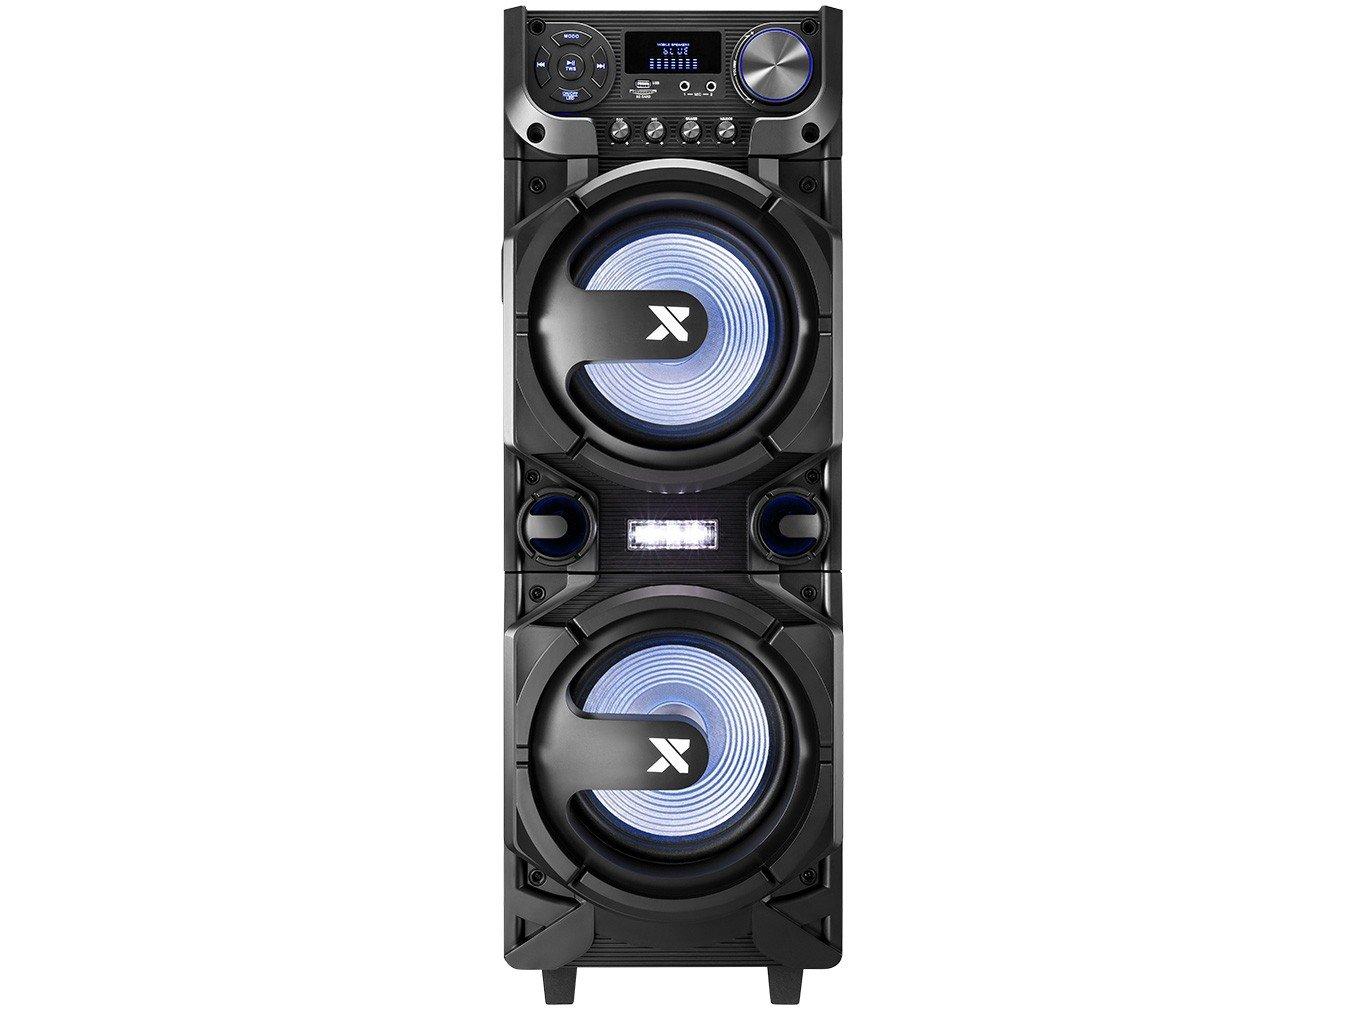 Caixa de Som Amplificada Multiuso Lenoxx CA-5000 com Bluetooth, Rádio FM, Entrada USB, SD e Card - 1000W - 1